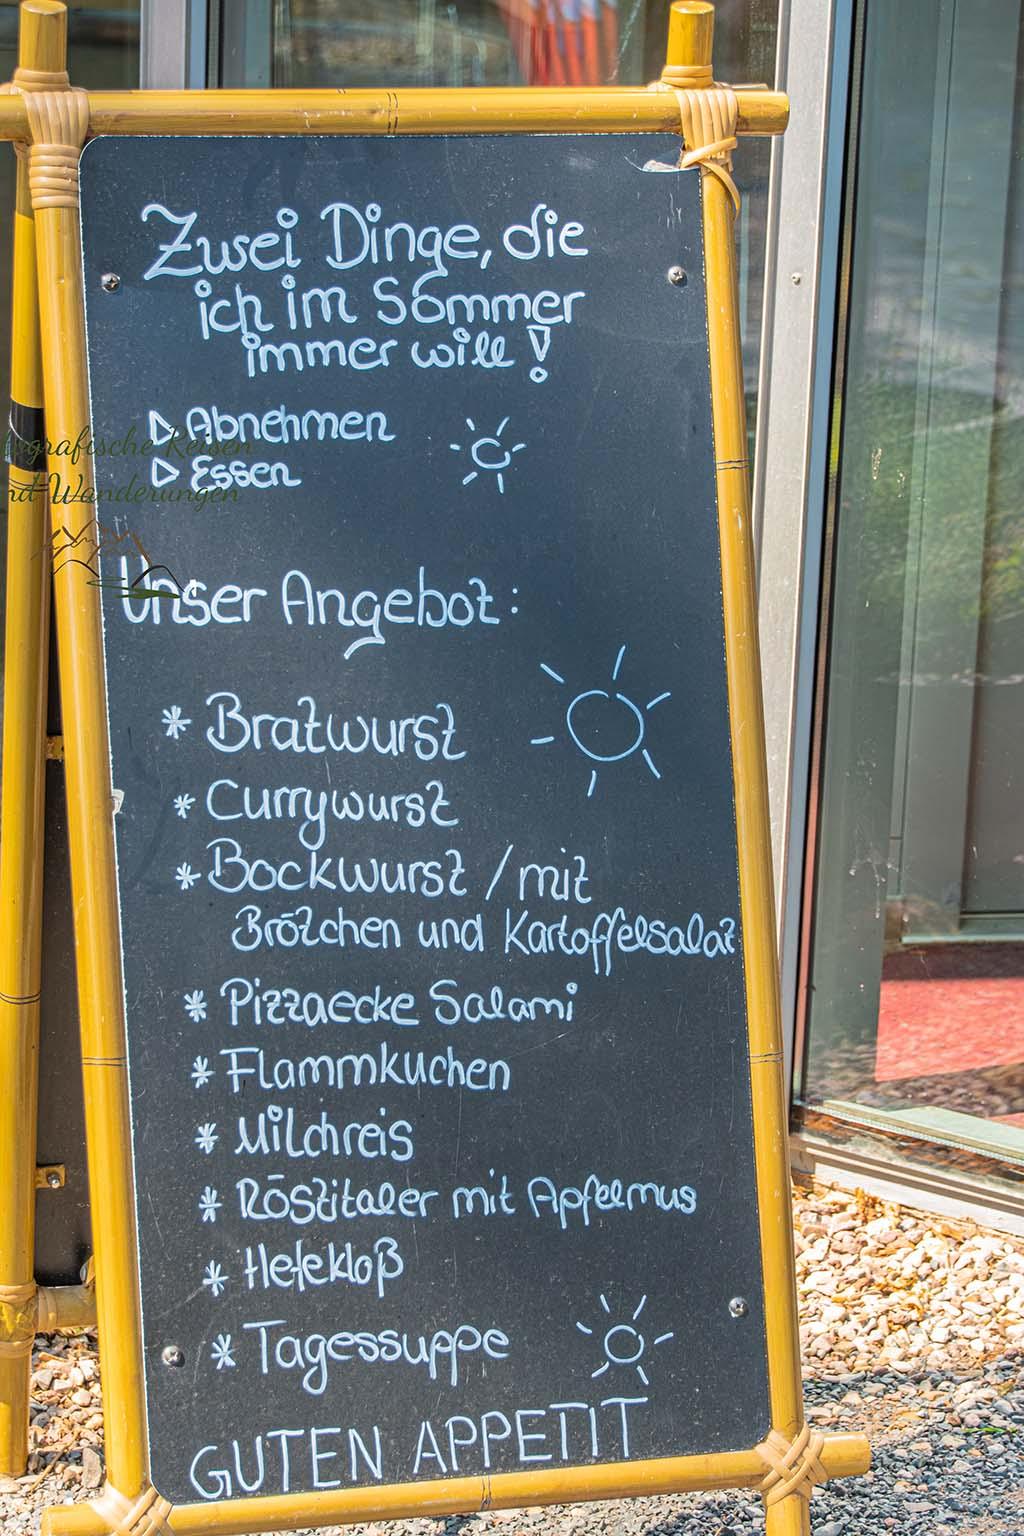 """Schild am Restaurant """"Zwei Dinge, die ich im Sommer will!"""" Abnehmen und Essen"""